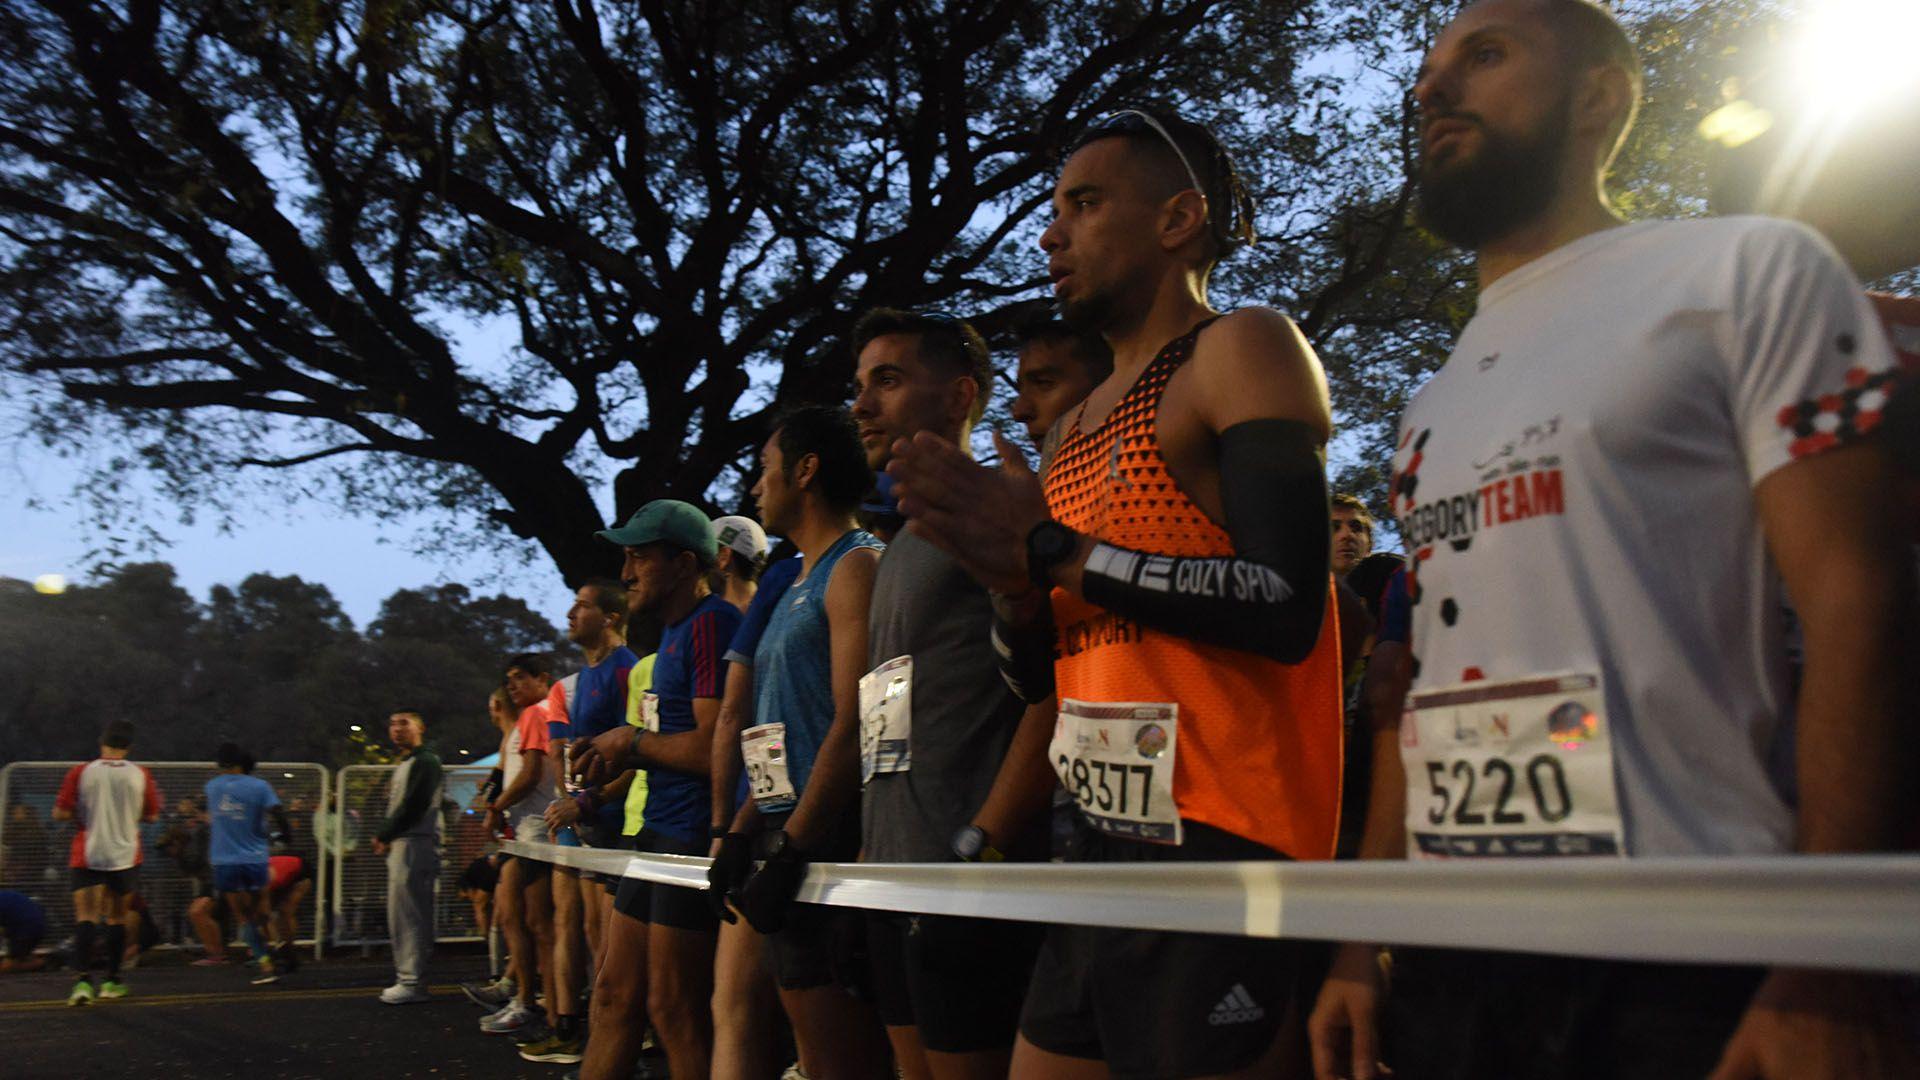 La carrera se inició puntual, a las 7.30 de la mañana